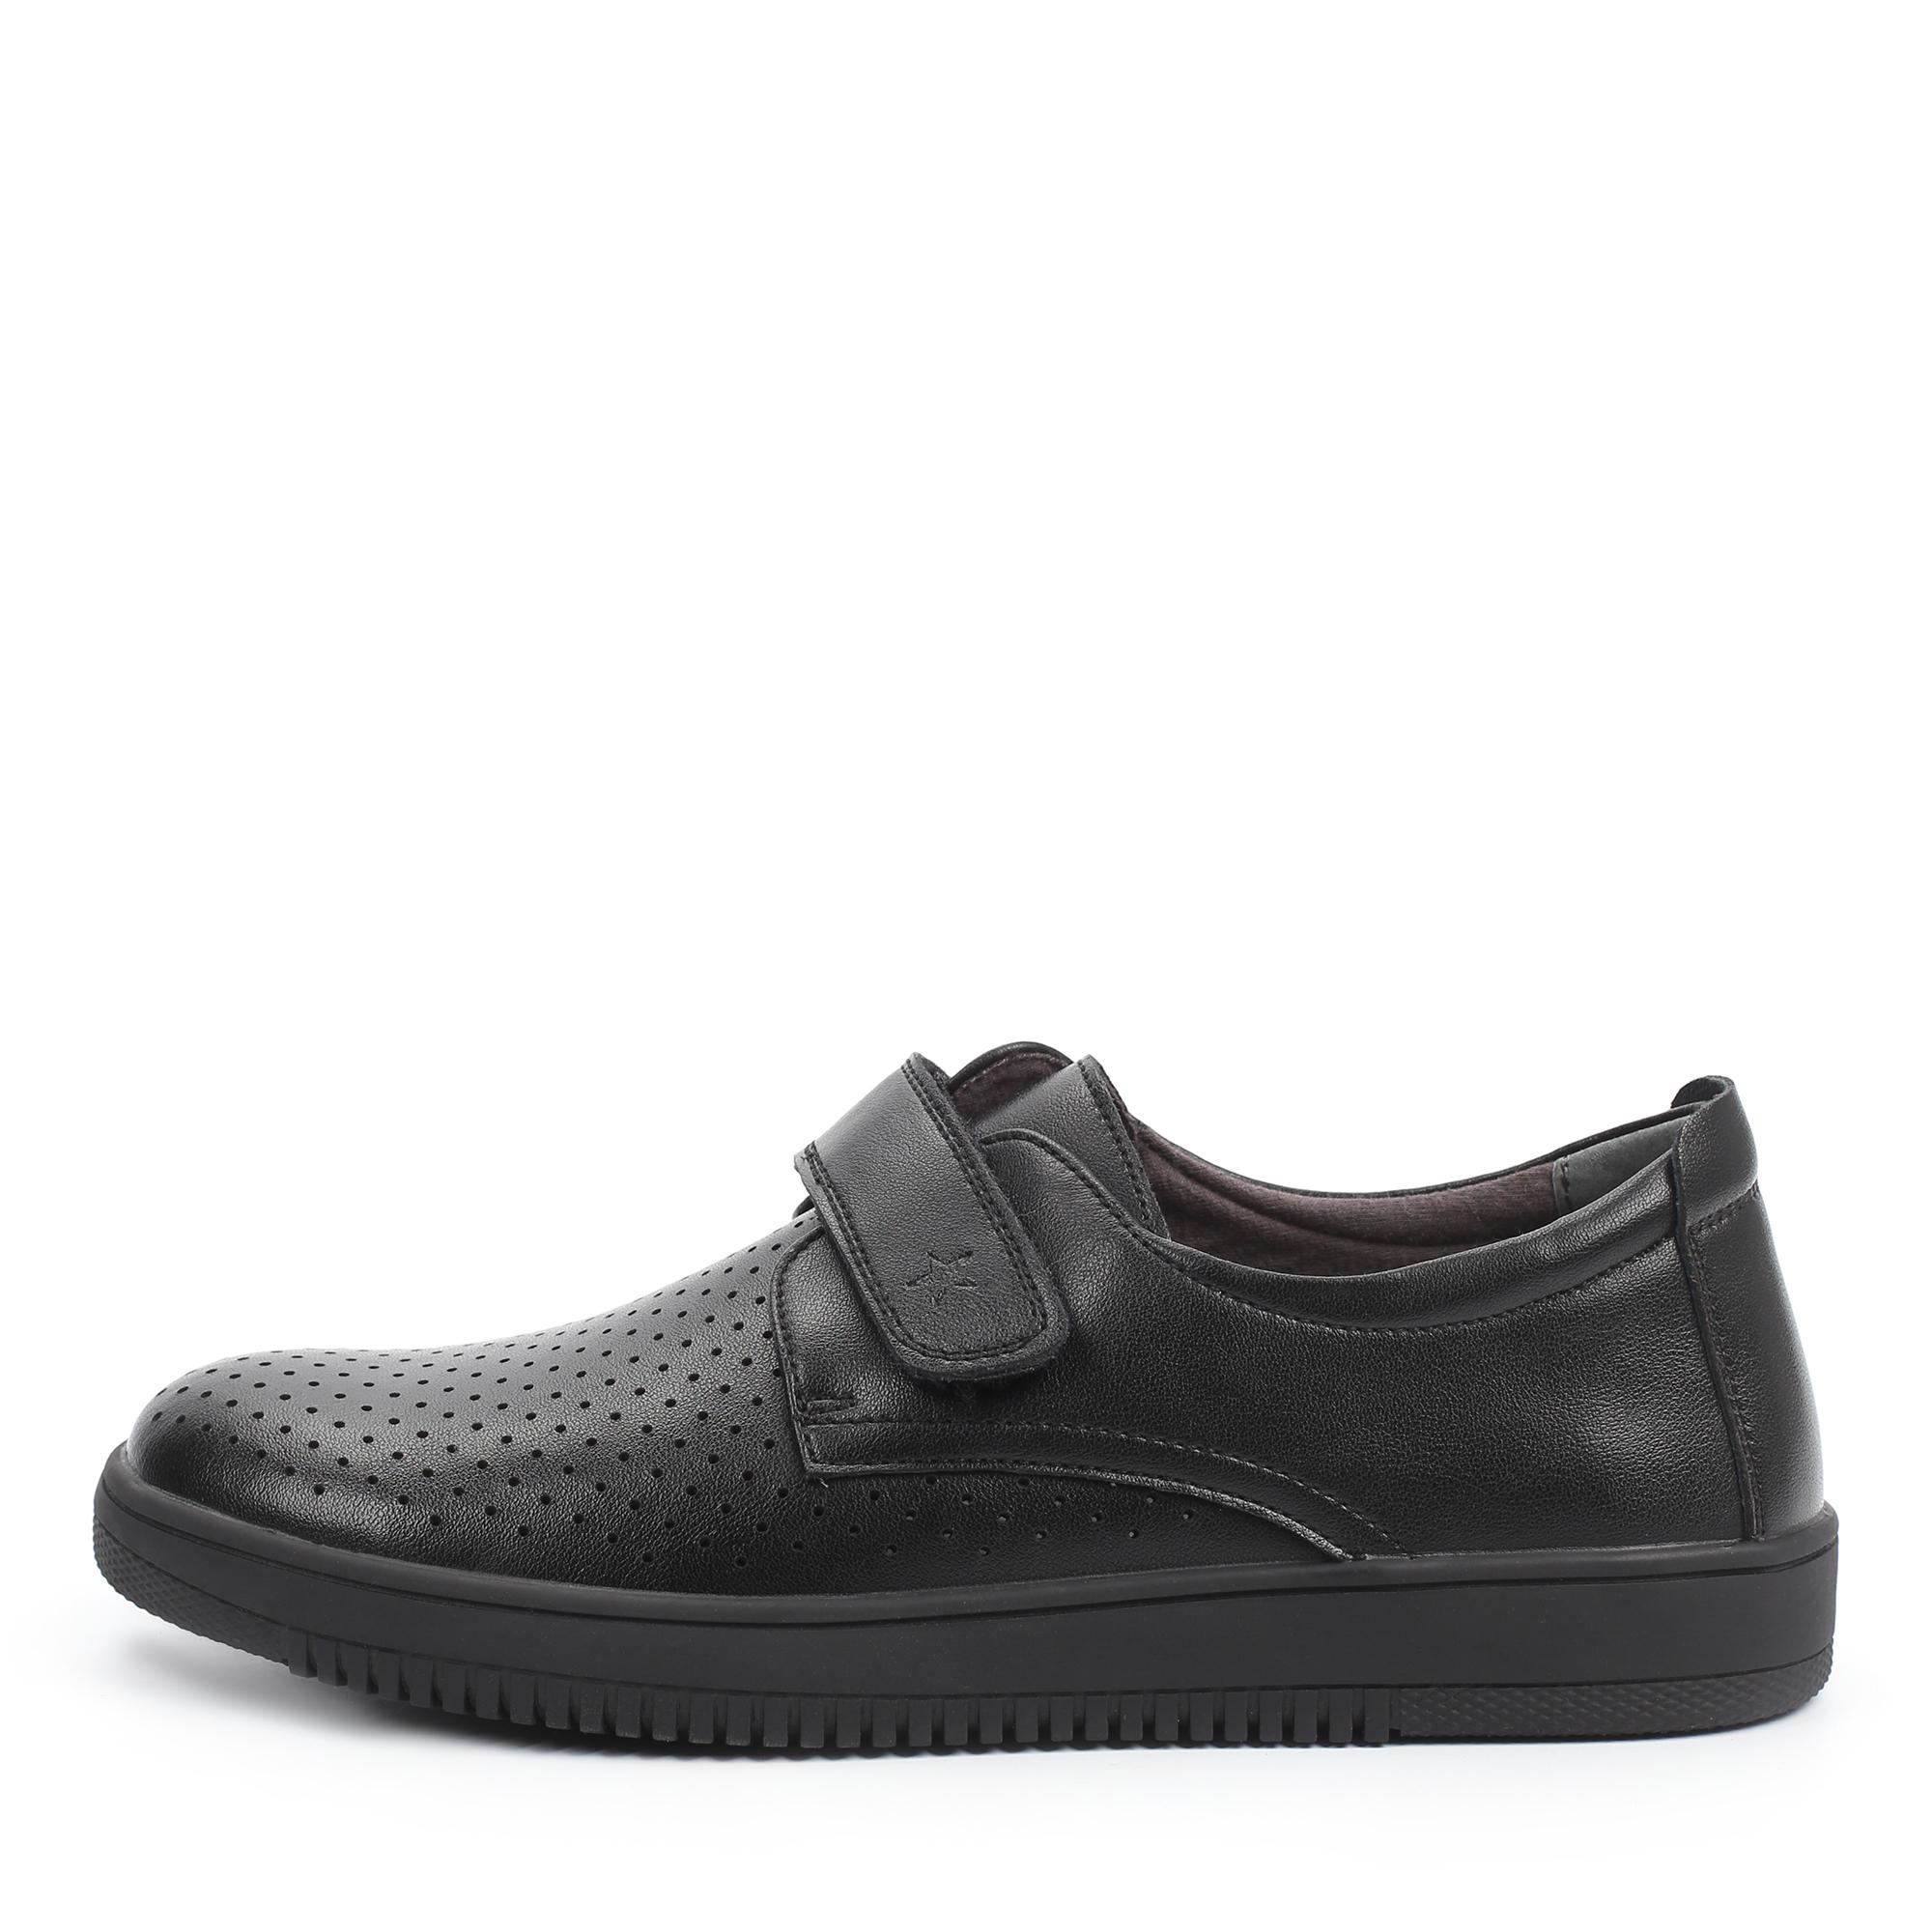 Обувь для мальчиков MUNZ YOUNG 098-283B-2602